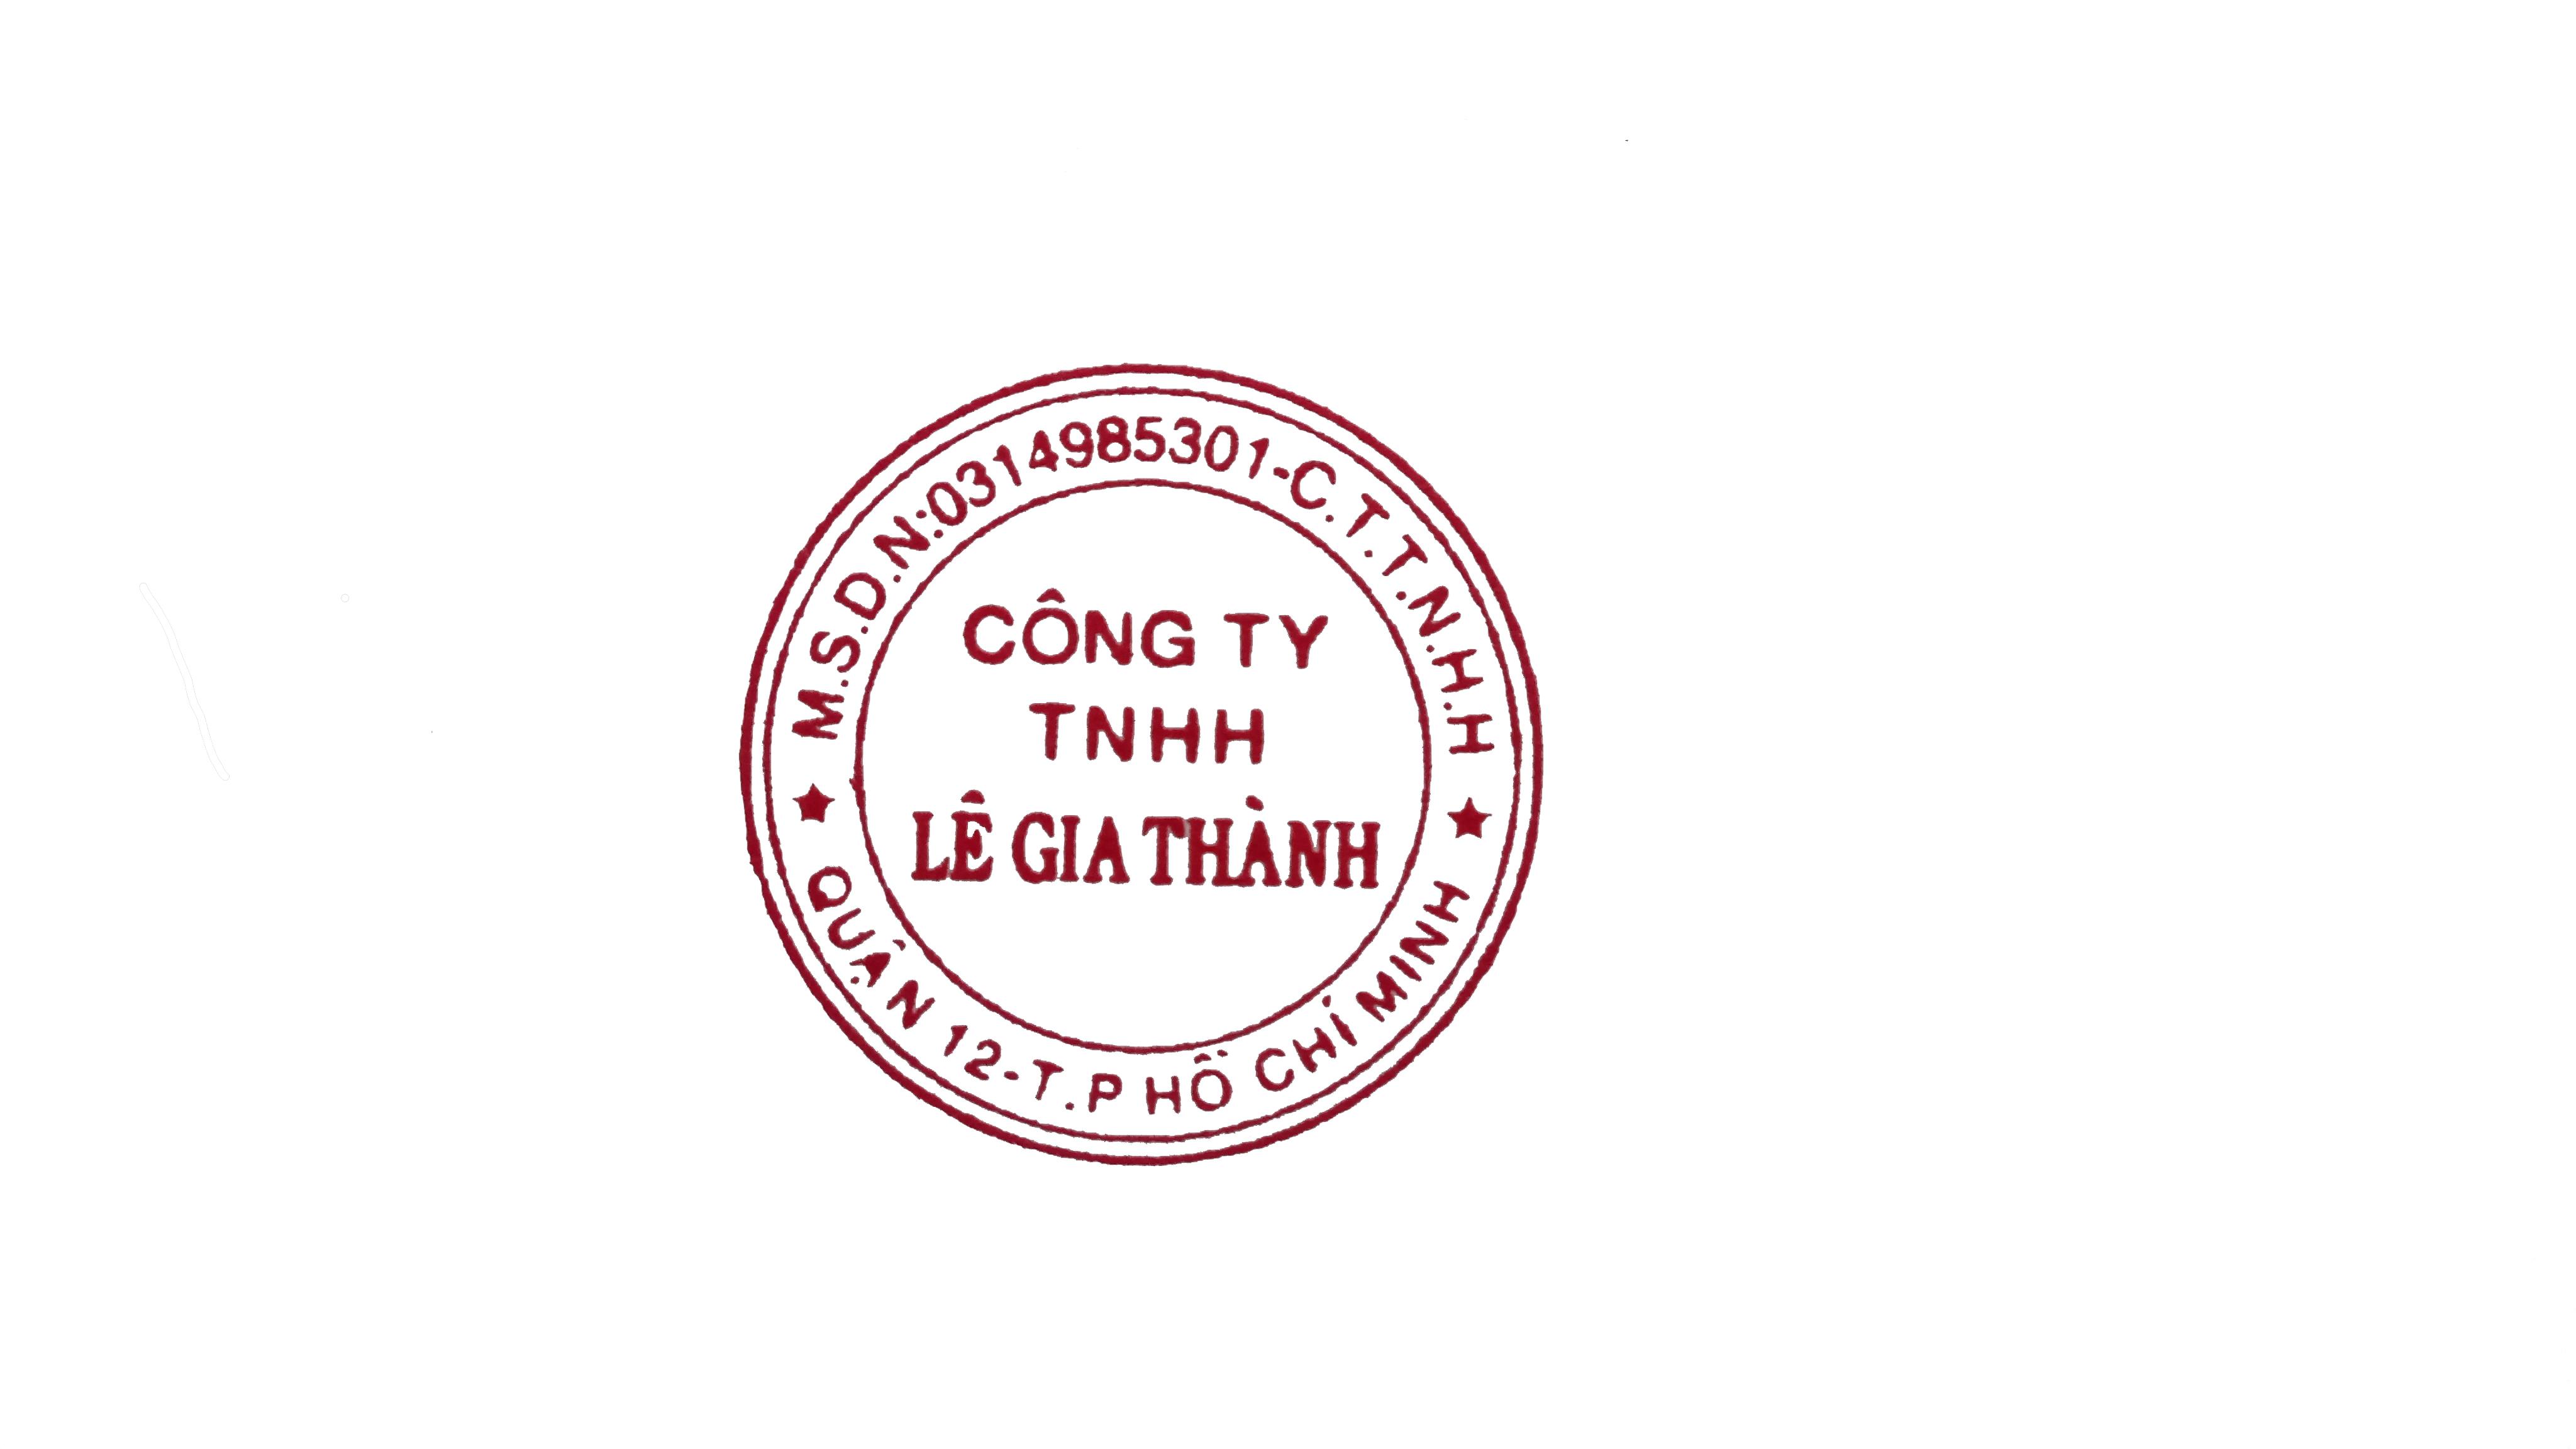 Công ty Lê Gia Thành